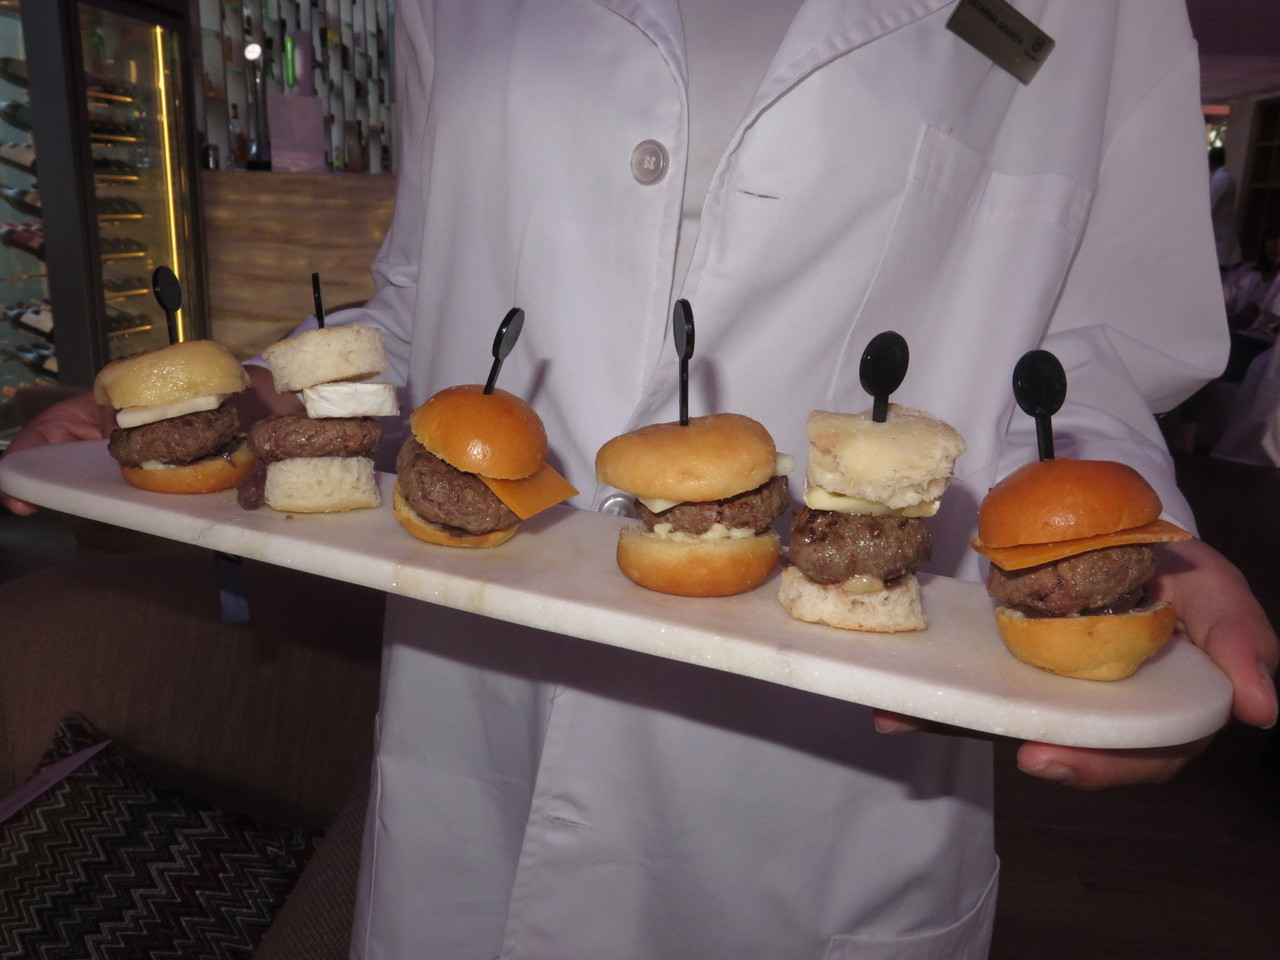 KIMYA burgers